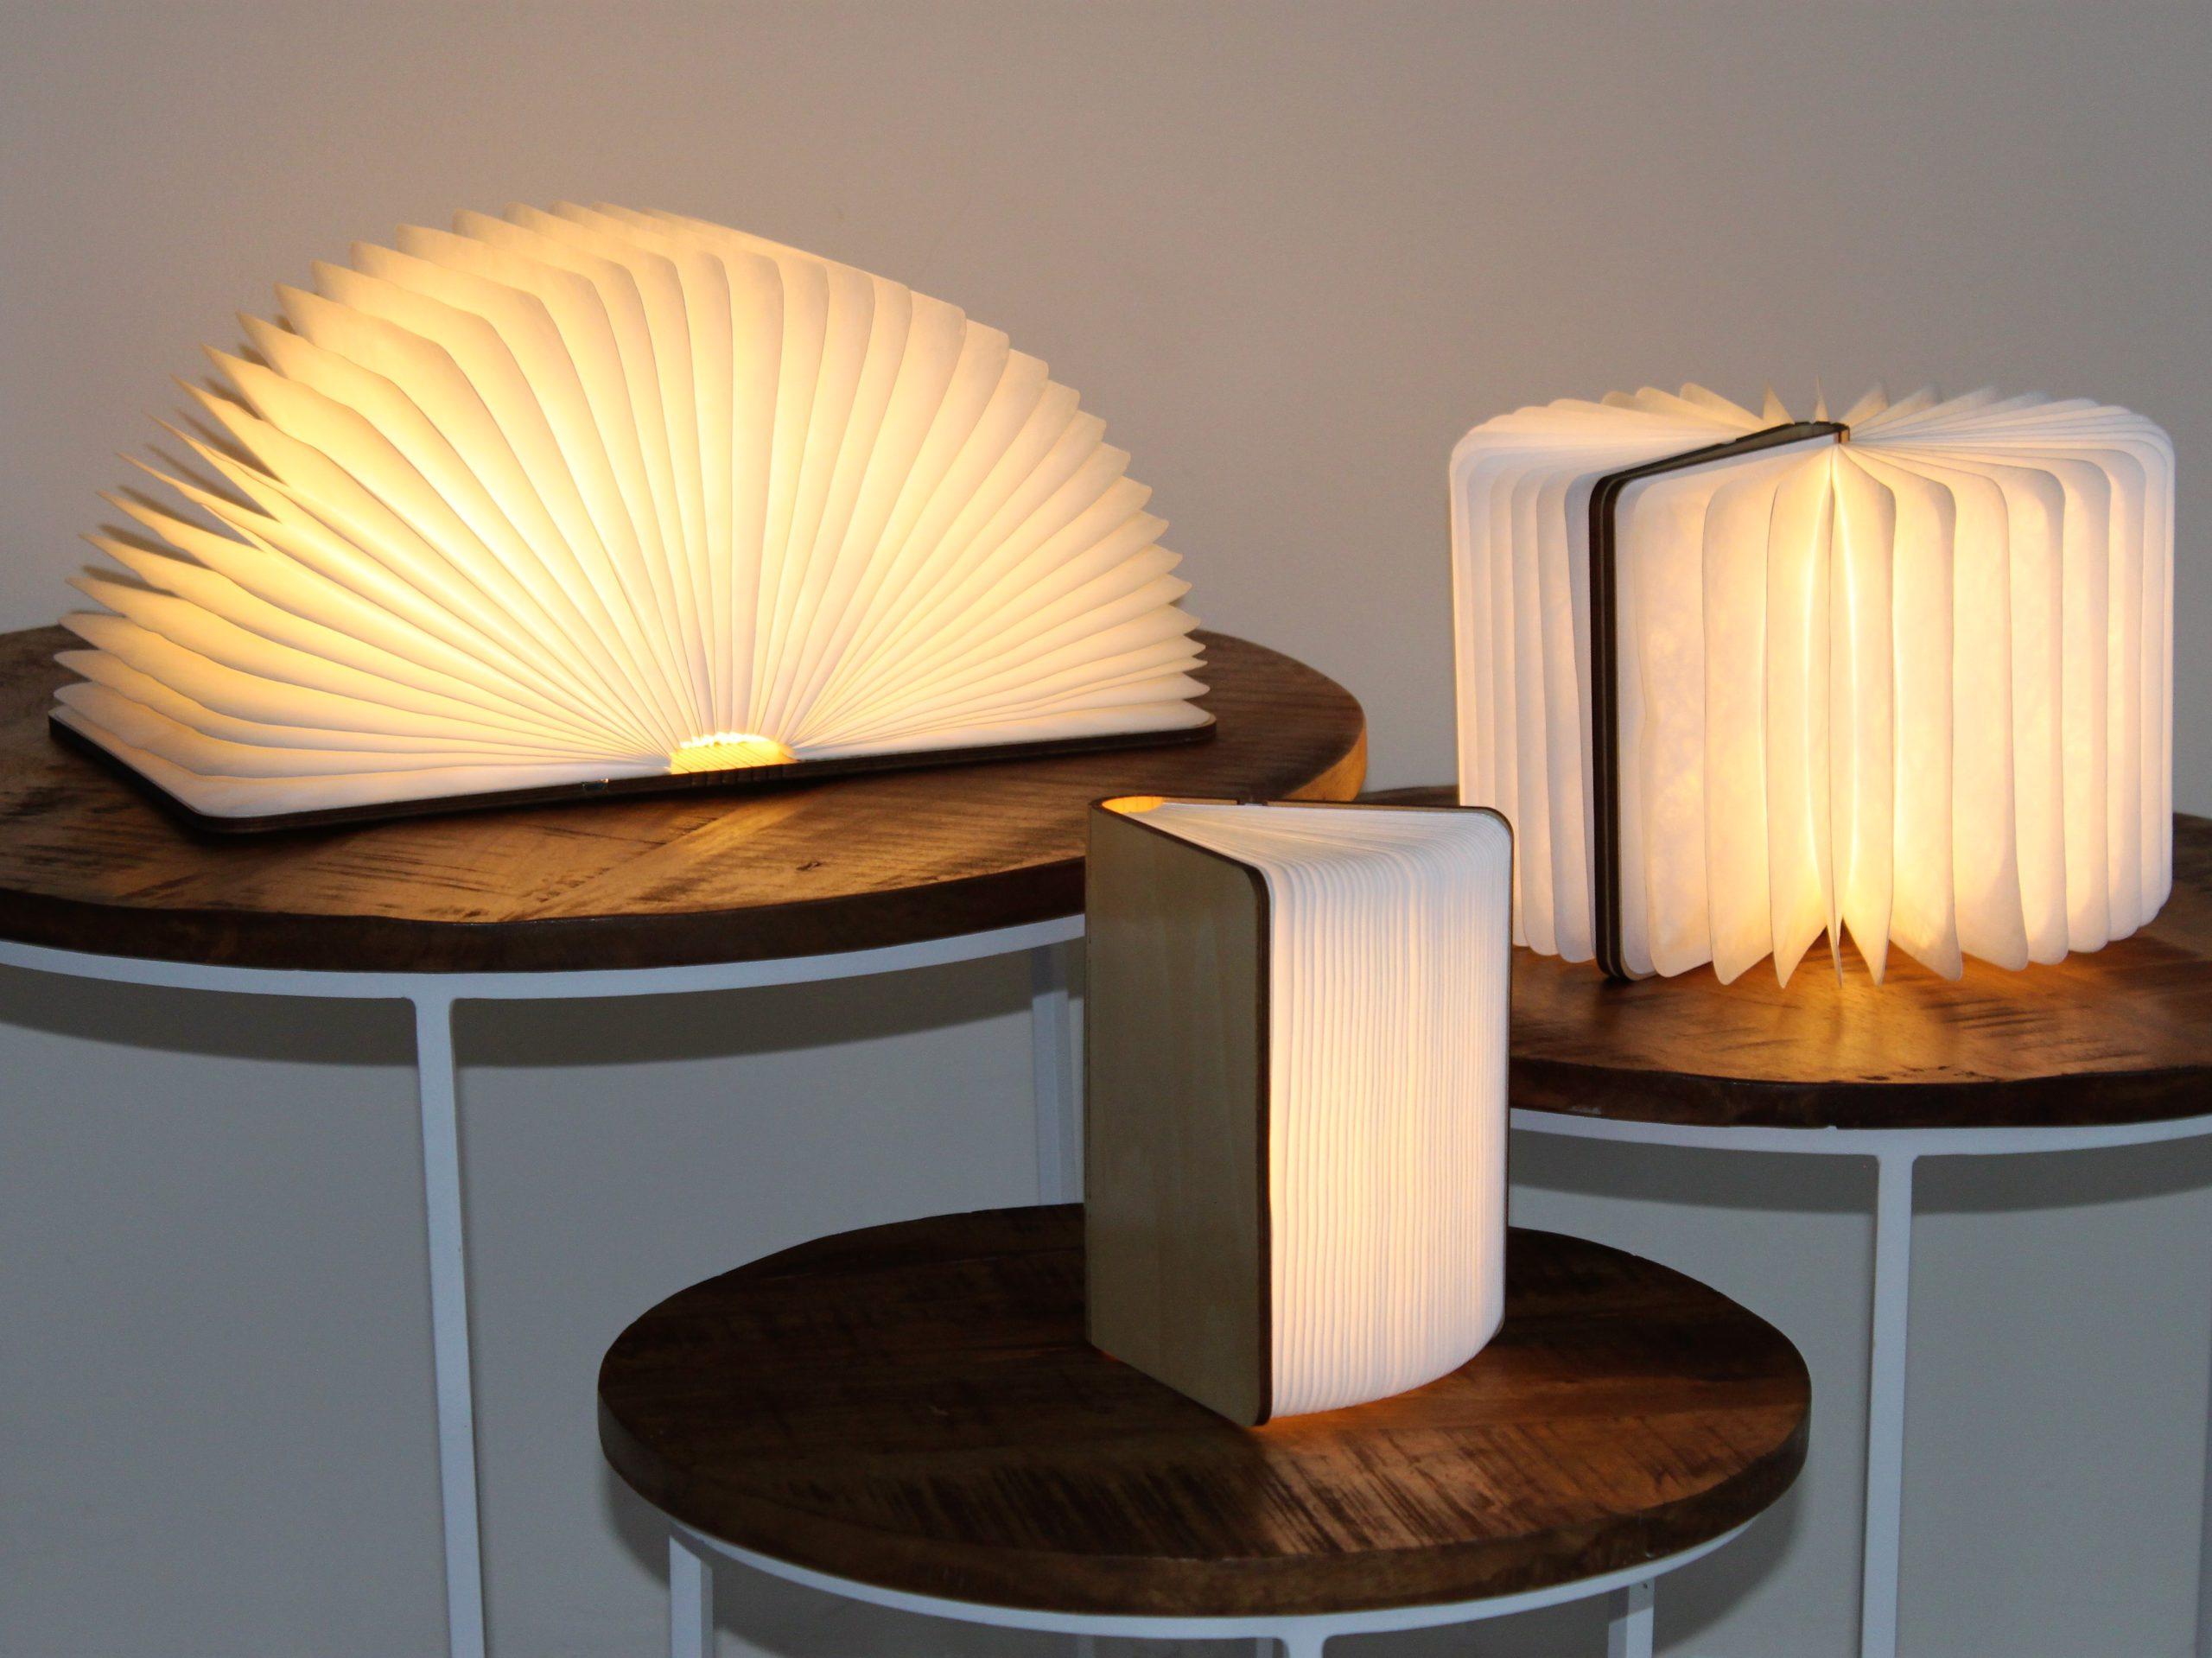 Booklamp | Greendelight Home